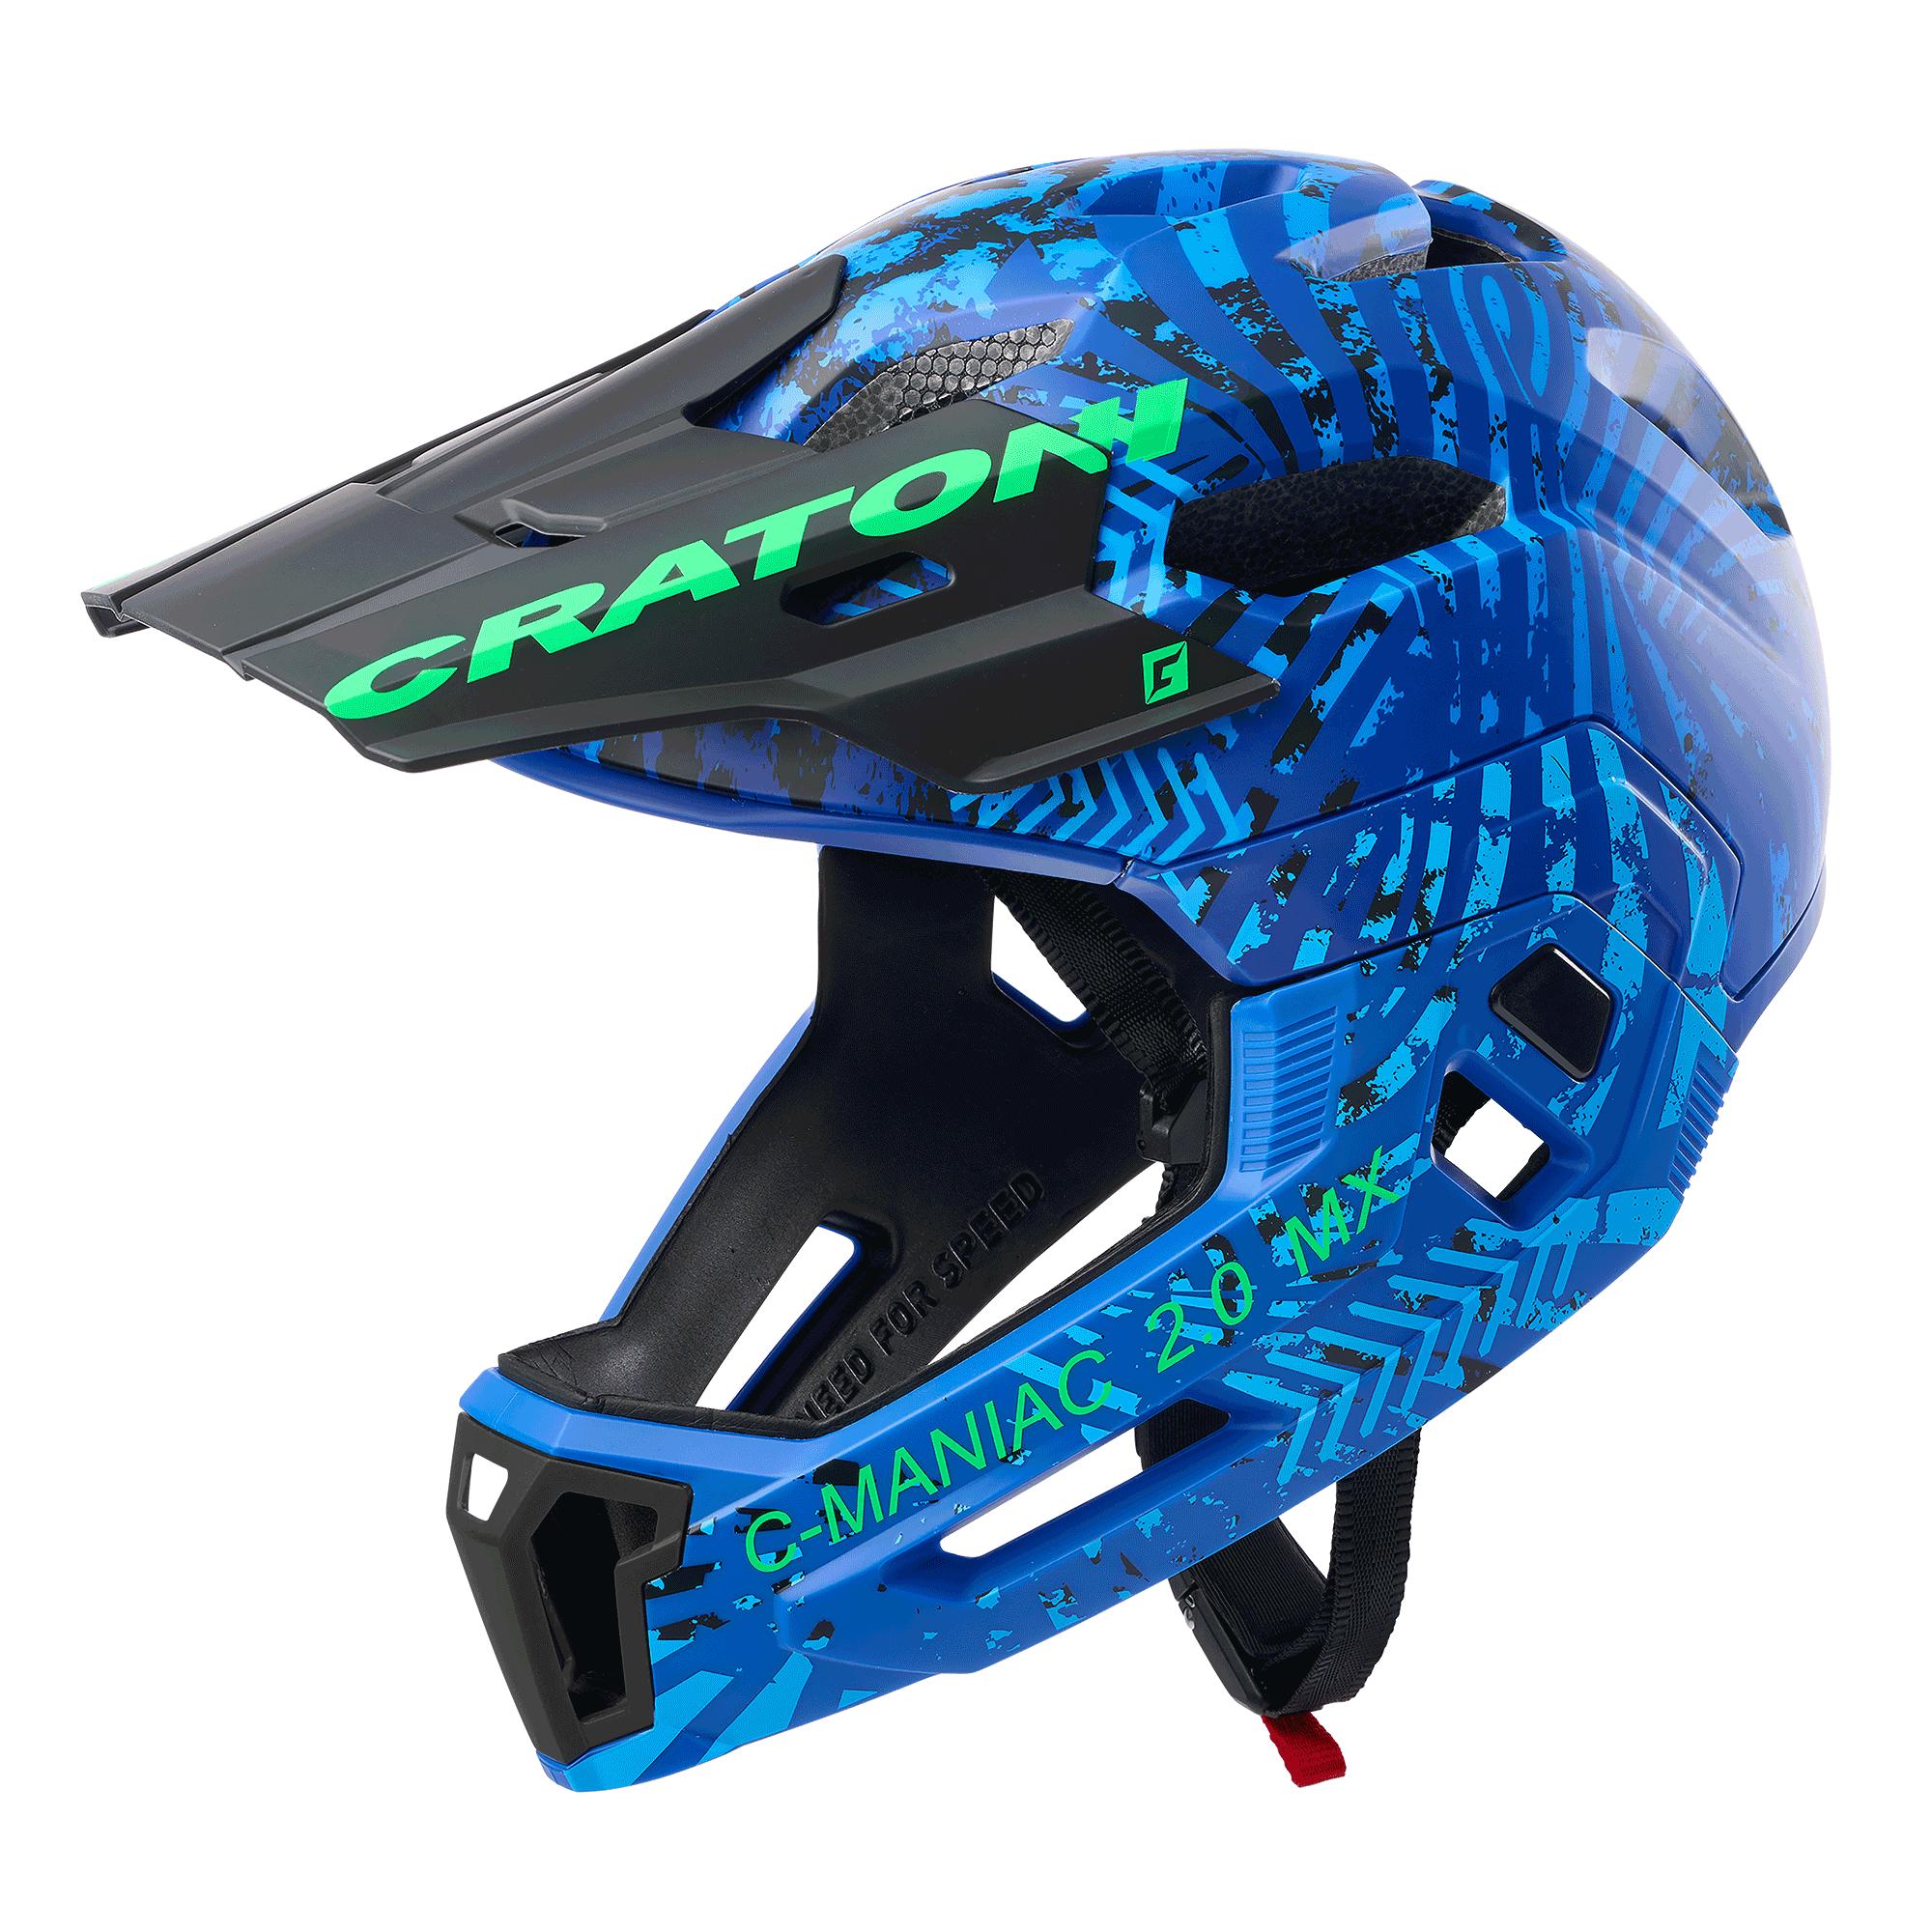 C-Maniac 2.0 MX blue-green matt